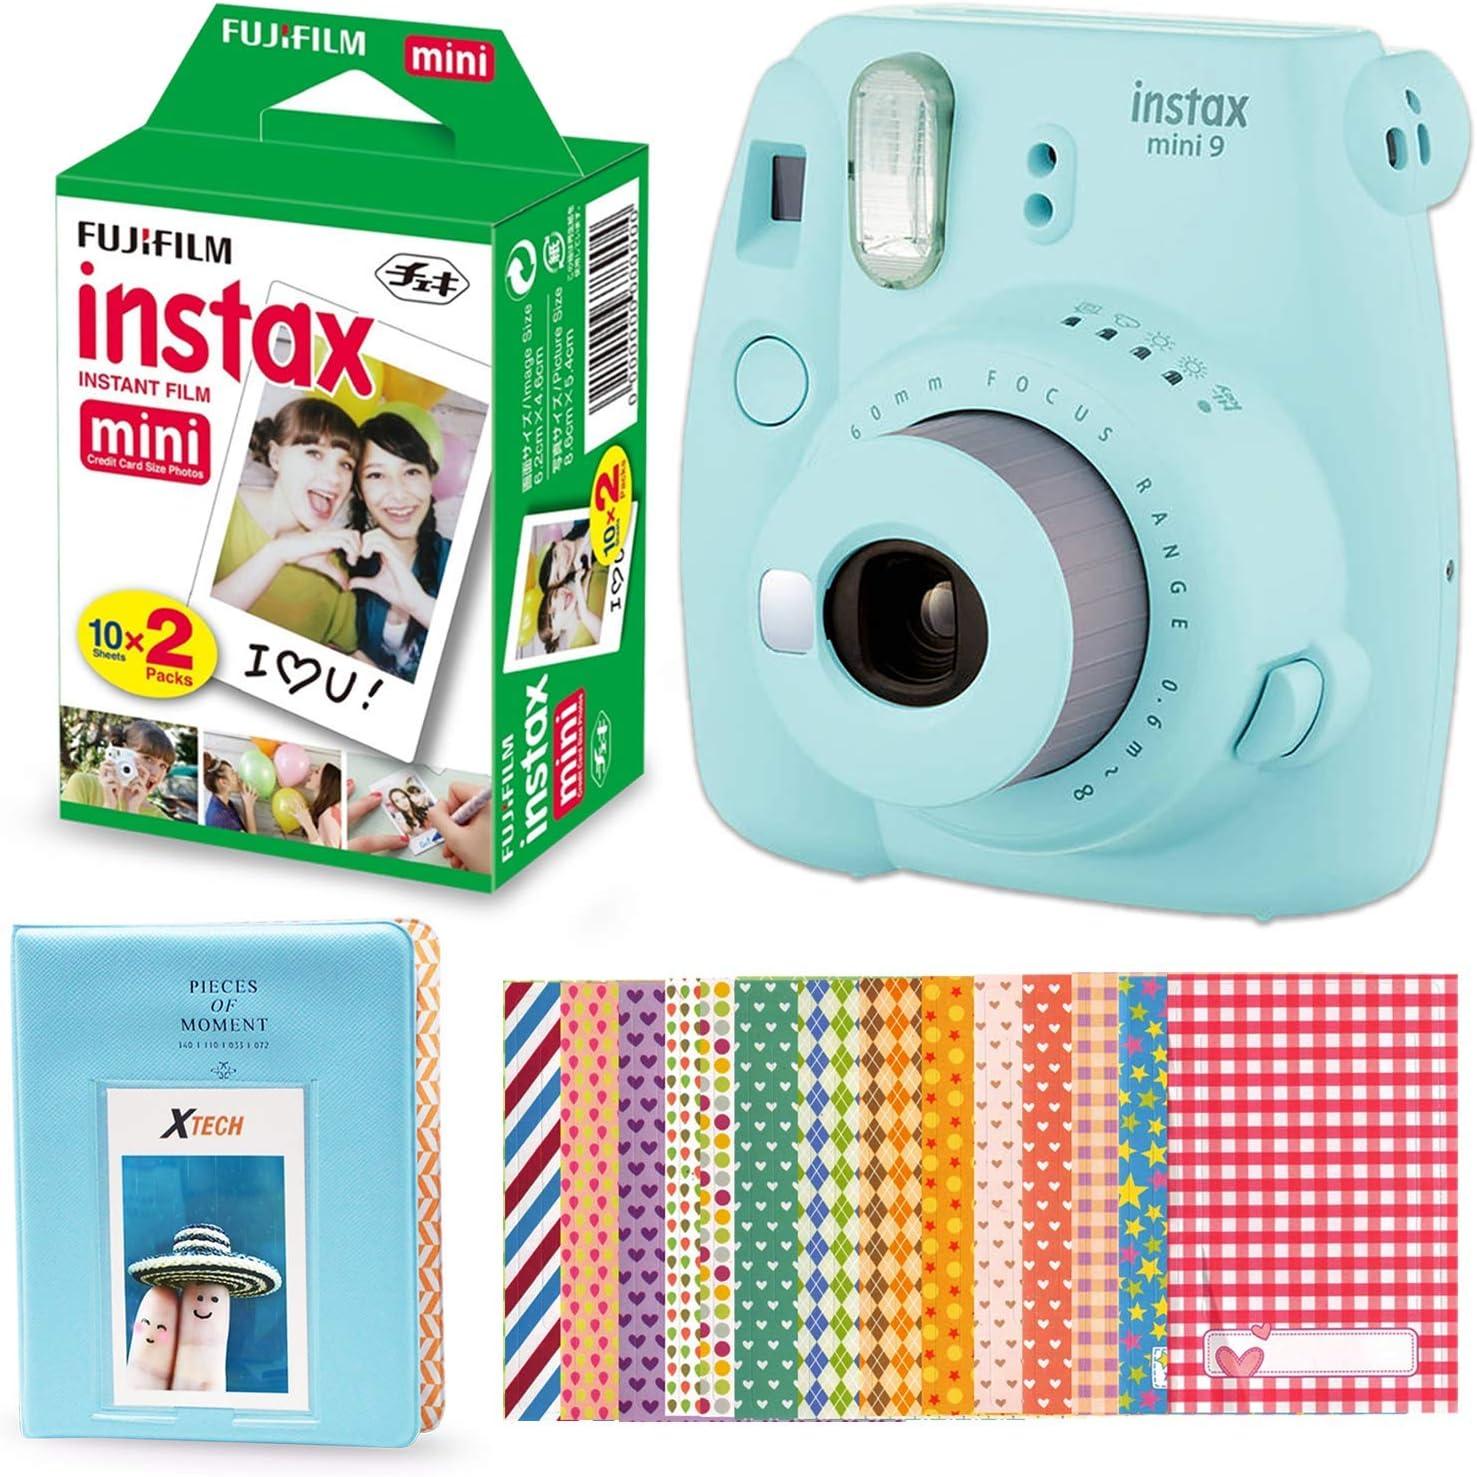 Fujifilm Instax Mini 9 Cámara instantánea (azul hielo) + Fuji Instax Mini Instant Film Twin Pack (20 Exposuras), Álbum de fotos azul, 60 marcos de pegatinas de colores surtidos + más: Amazon.es: Electrónica